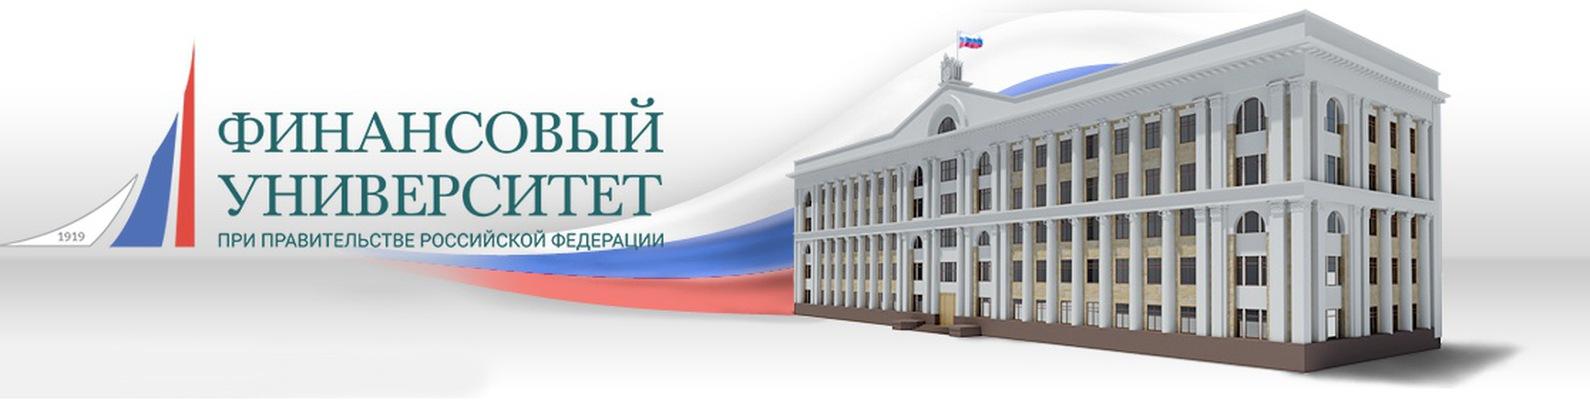 Финансовый университет при Правительстве РФ — филиал в г. Пенза